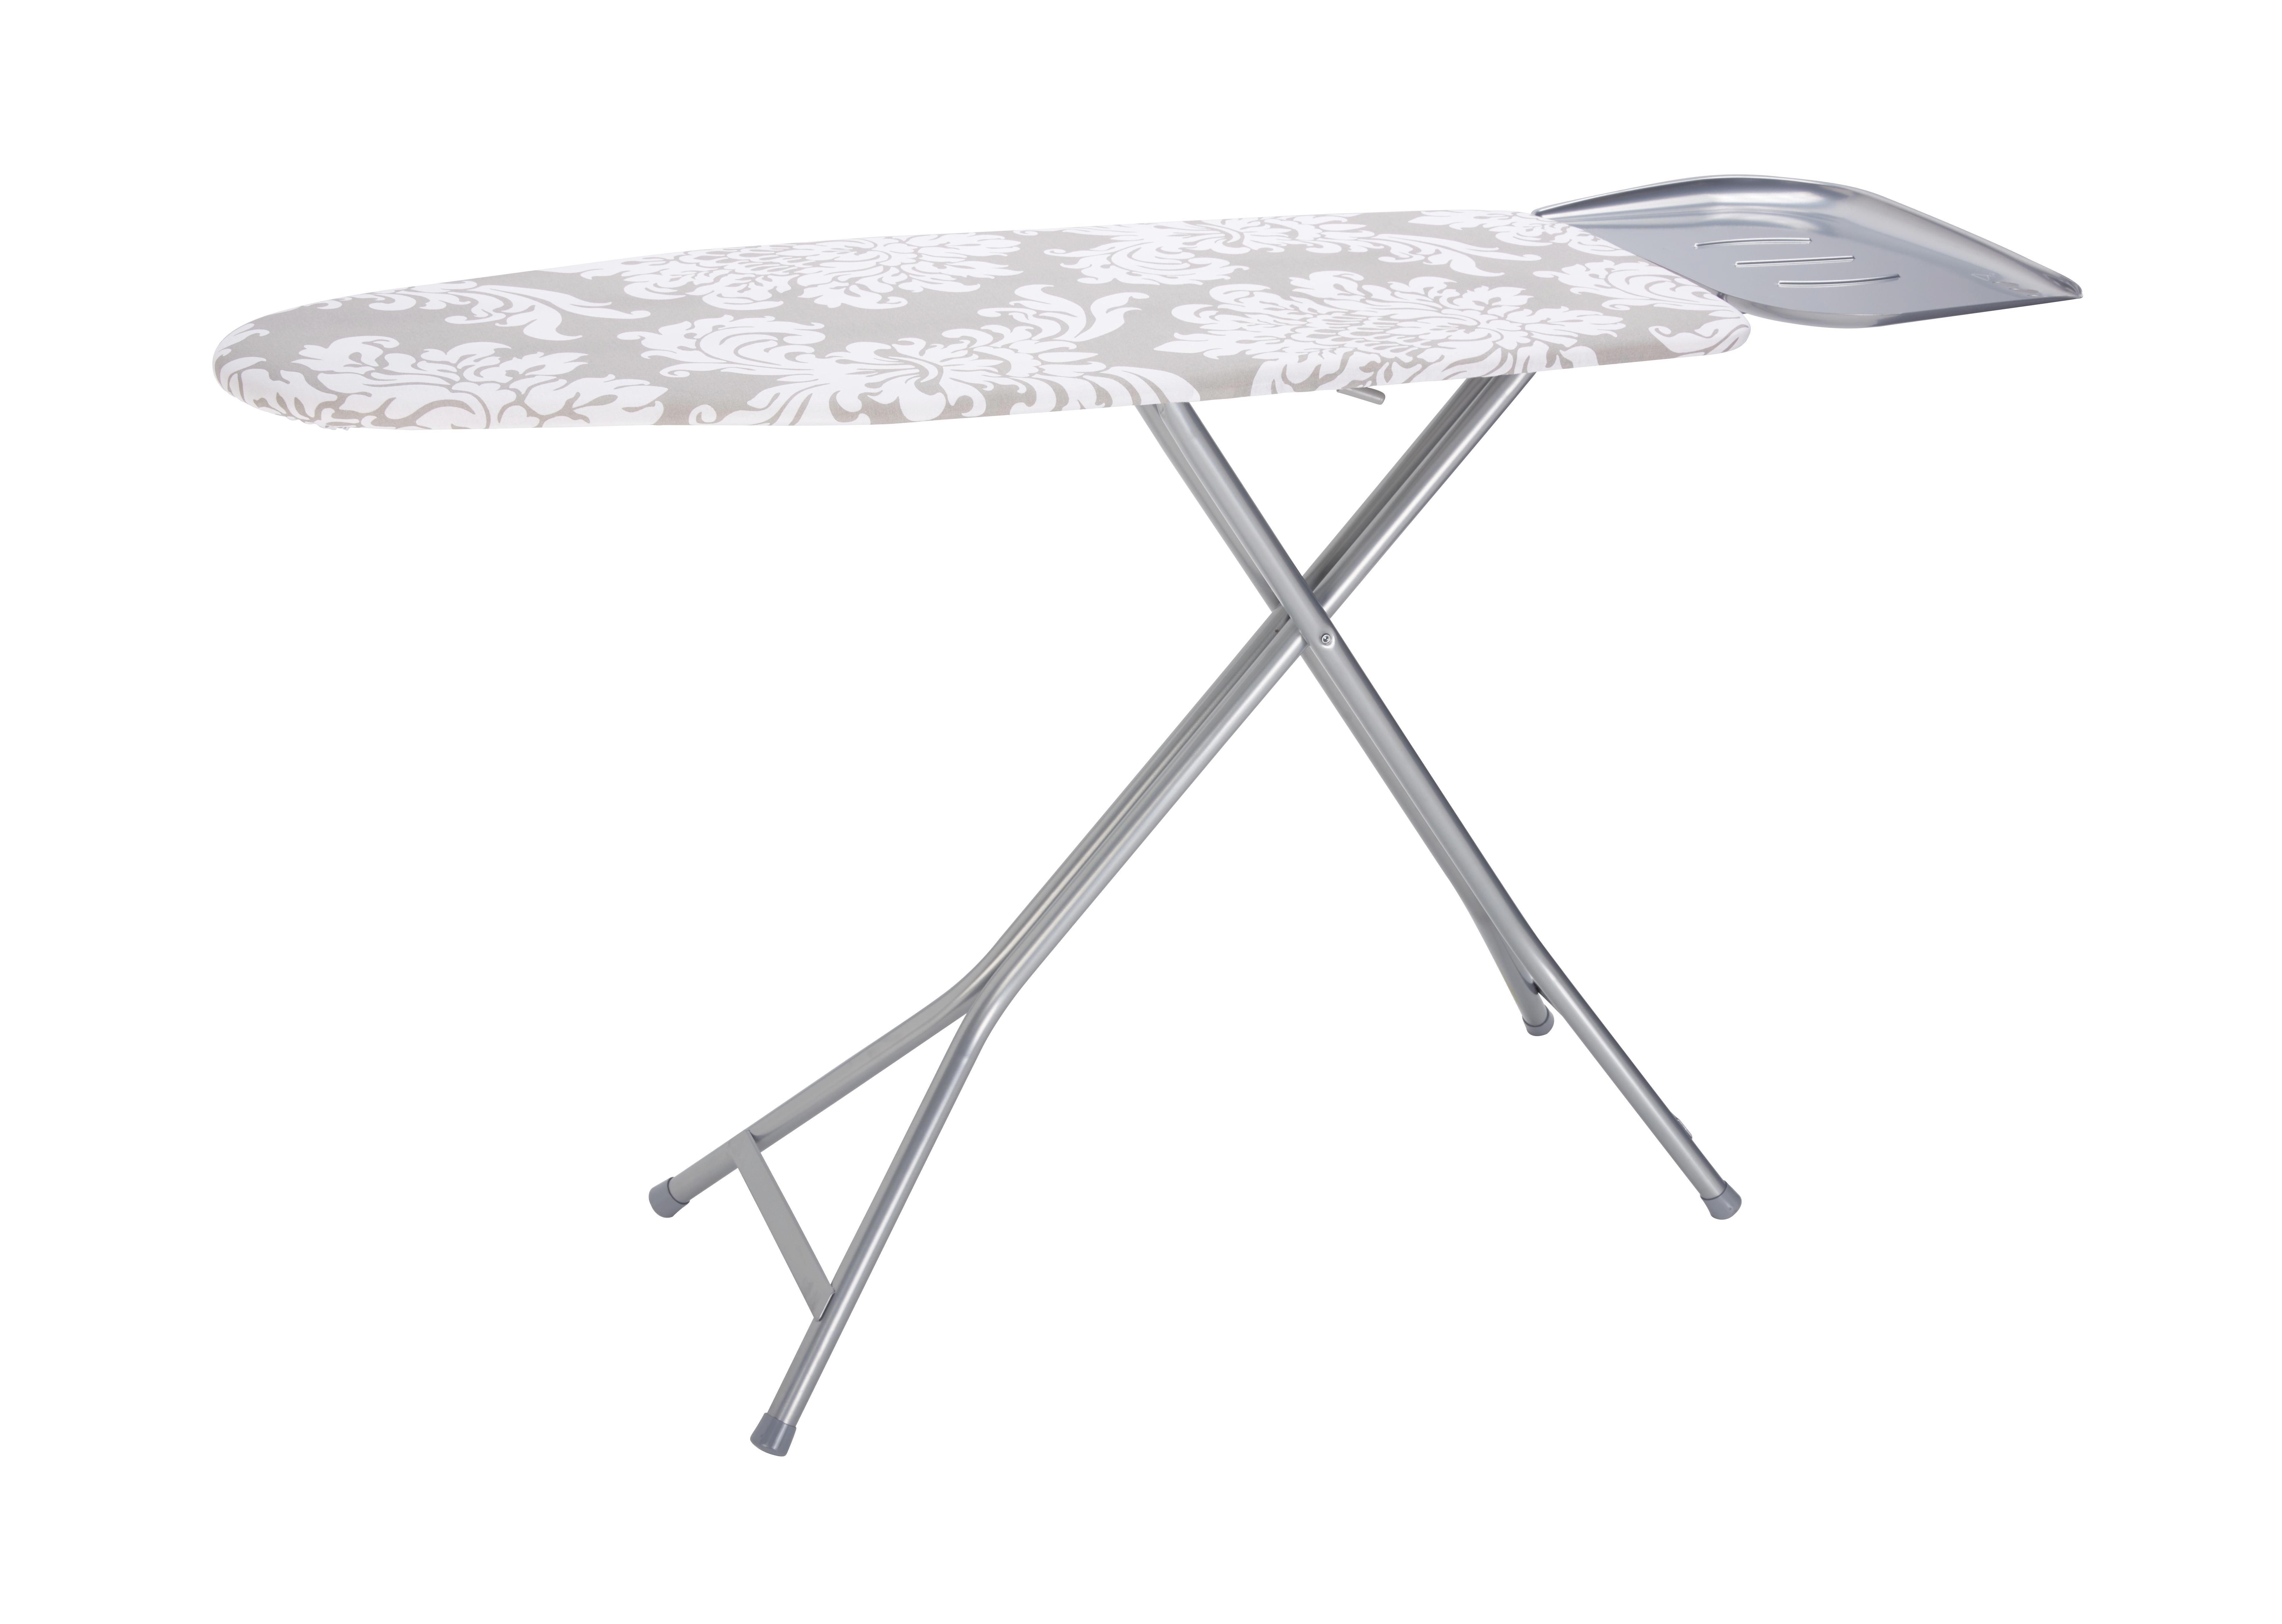 Vasalódeszka Kate - fehér/szürke, textil (40/120cm) - MÖMAX modern living